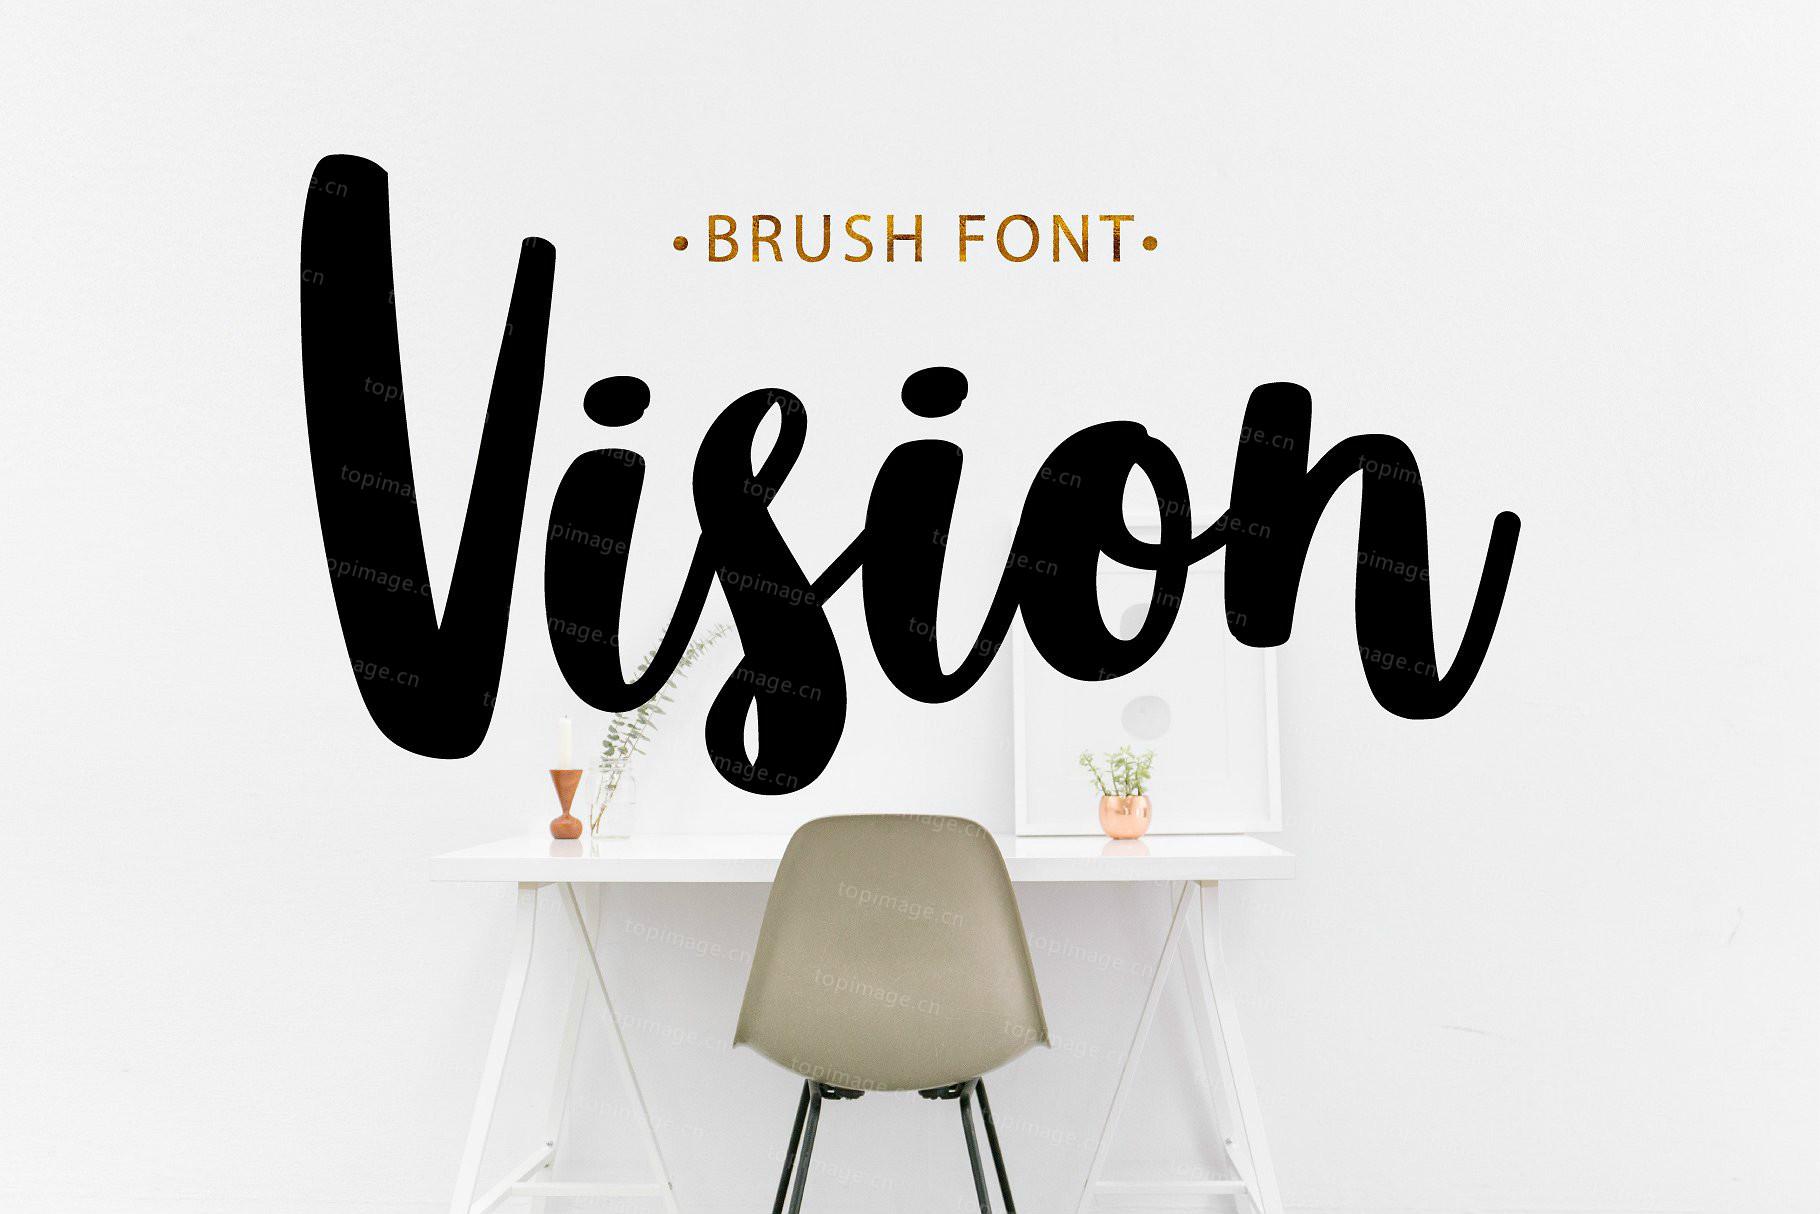 Vision手写笔刷唯美英文字体转换下载